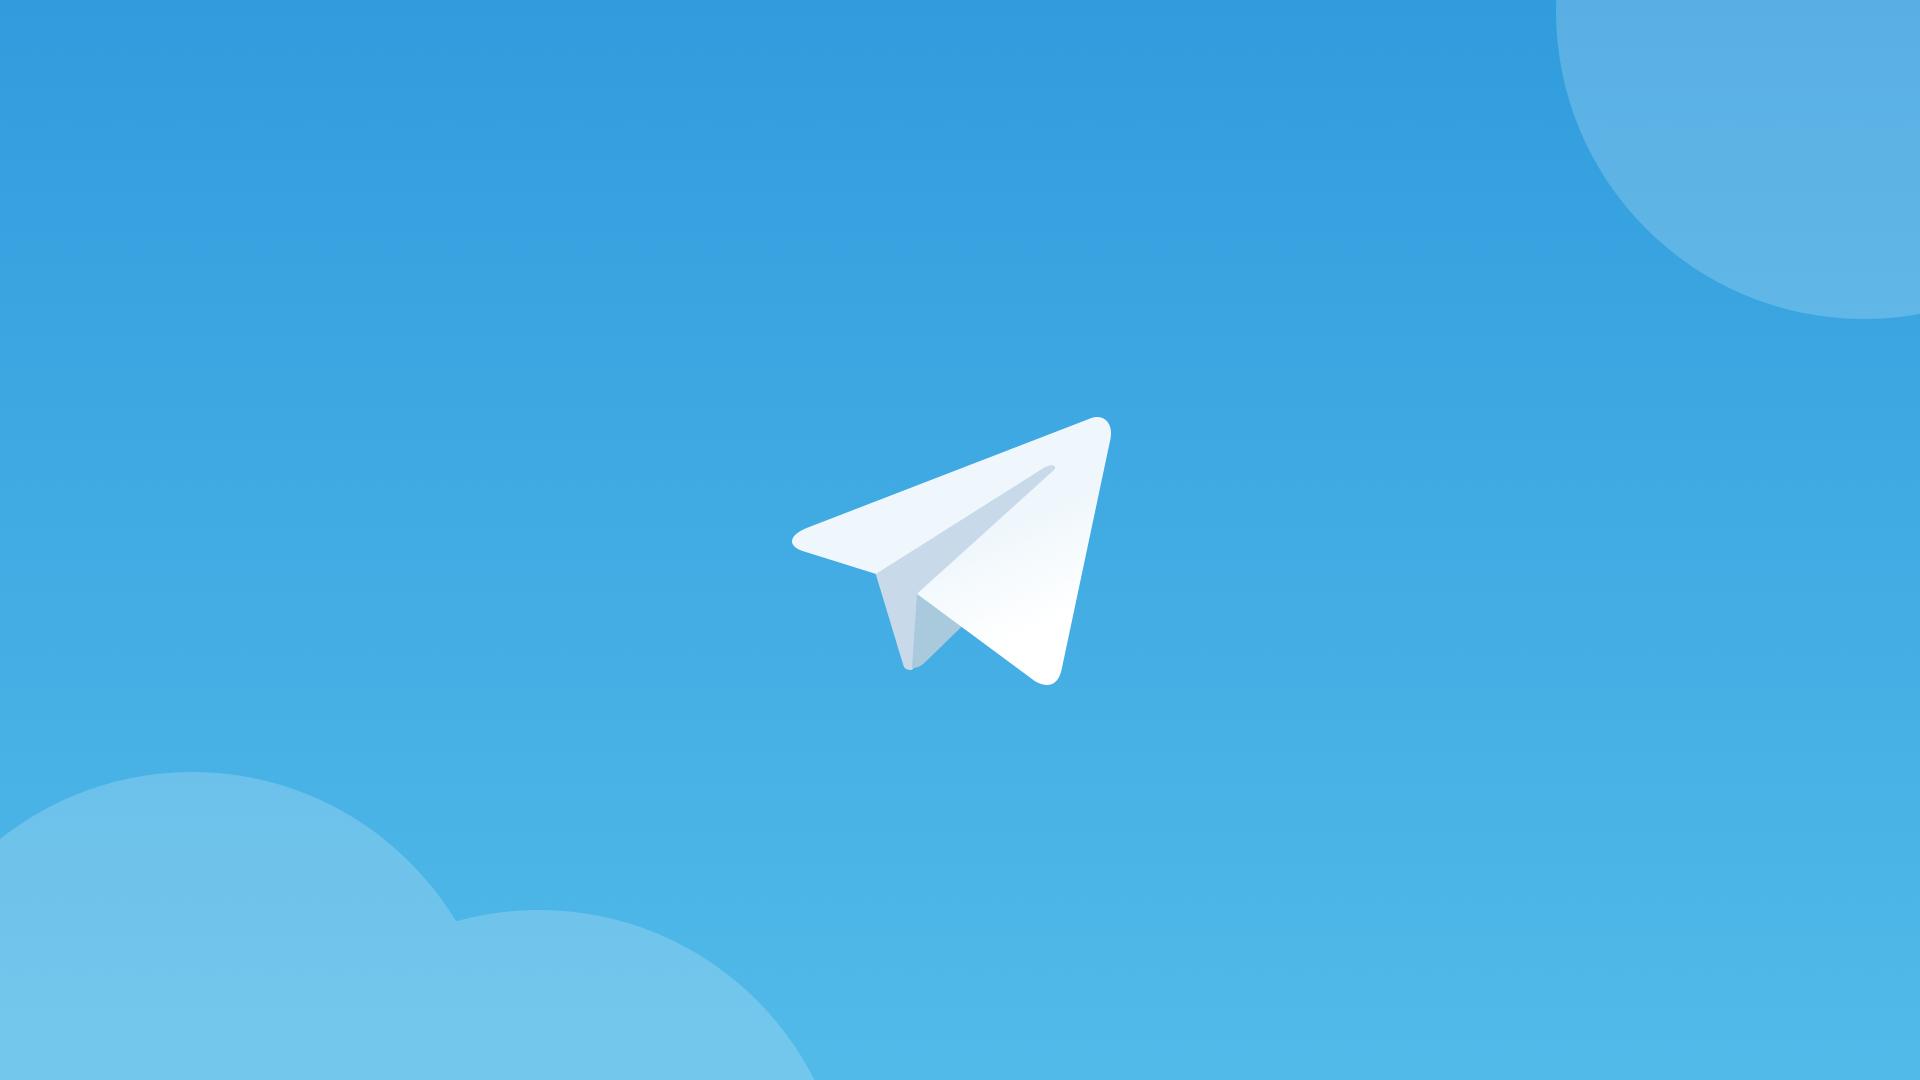 """""""Аня с творожком"""", """"Гей на передержке"""" и """"Алфишики"""": на что подписаны пользователи Телеграма?"""